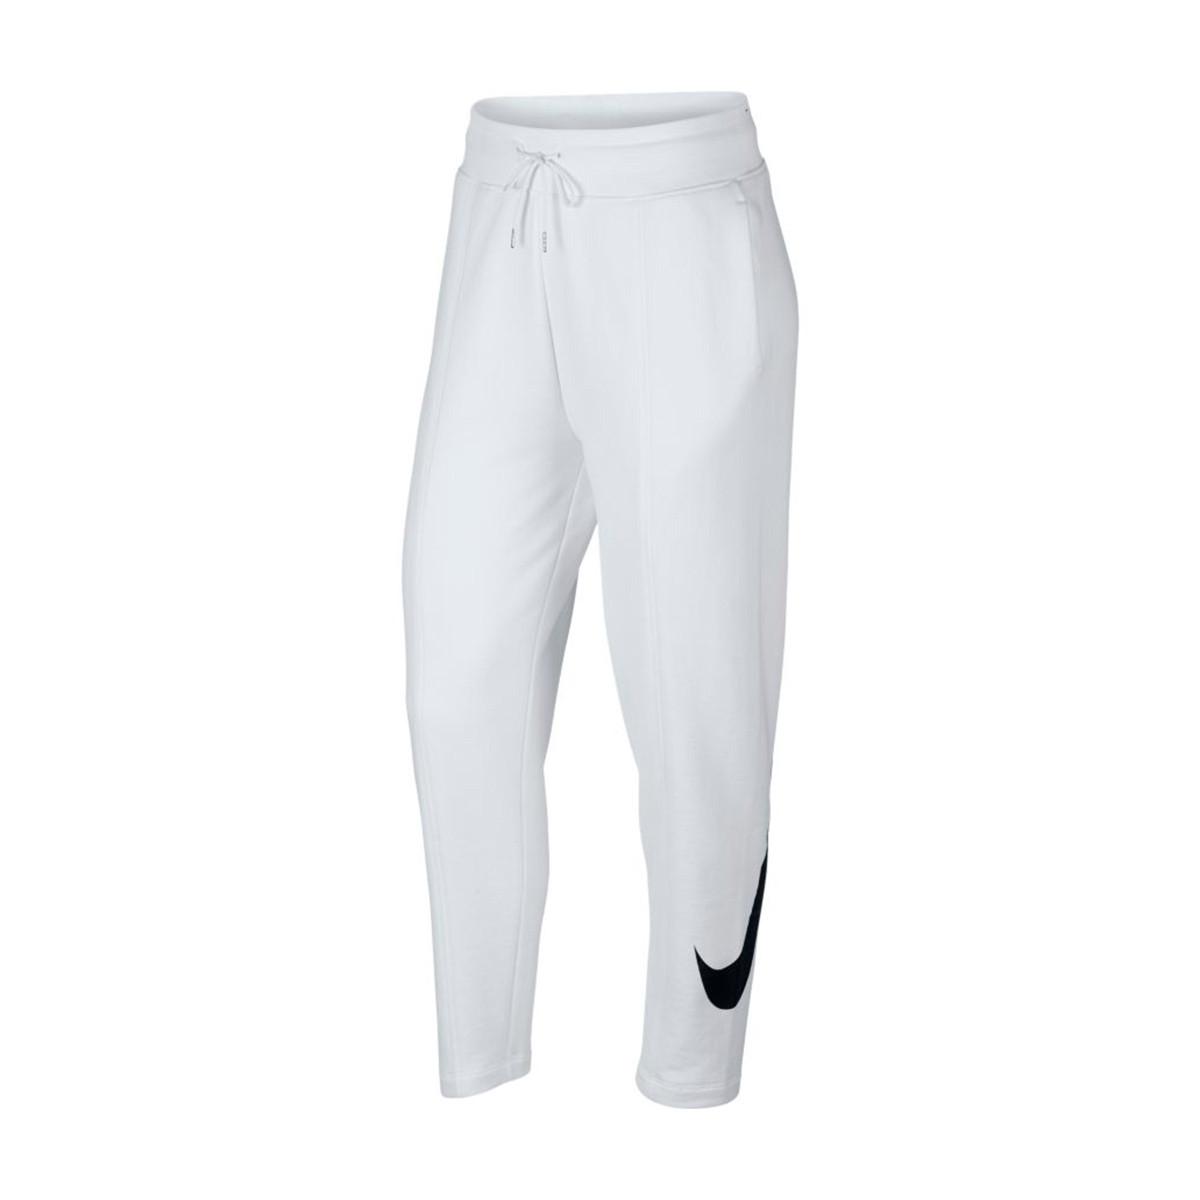 Pantalones De Futbol Largos Nike Tienda Online De Zapatos Ropa Y Complementos De Marca